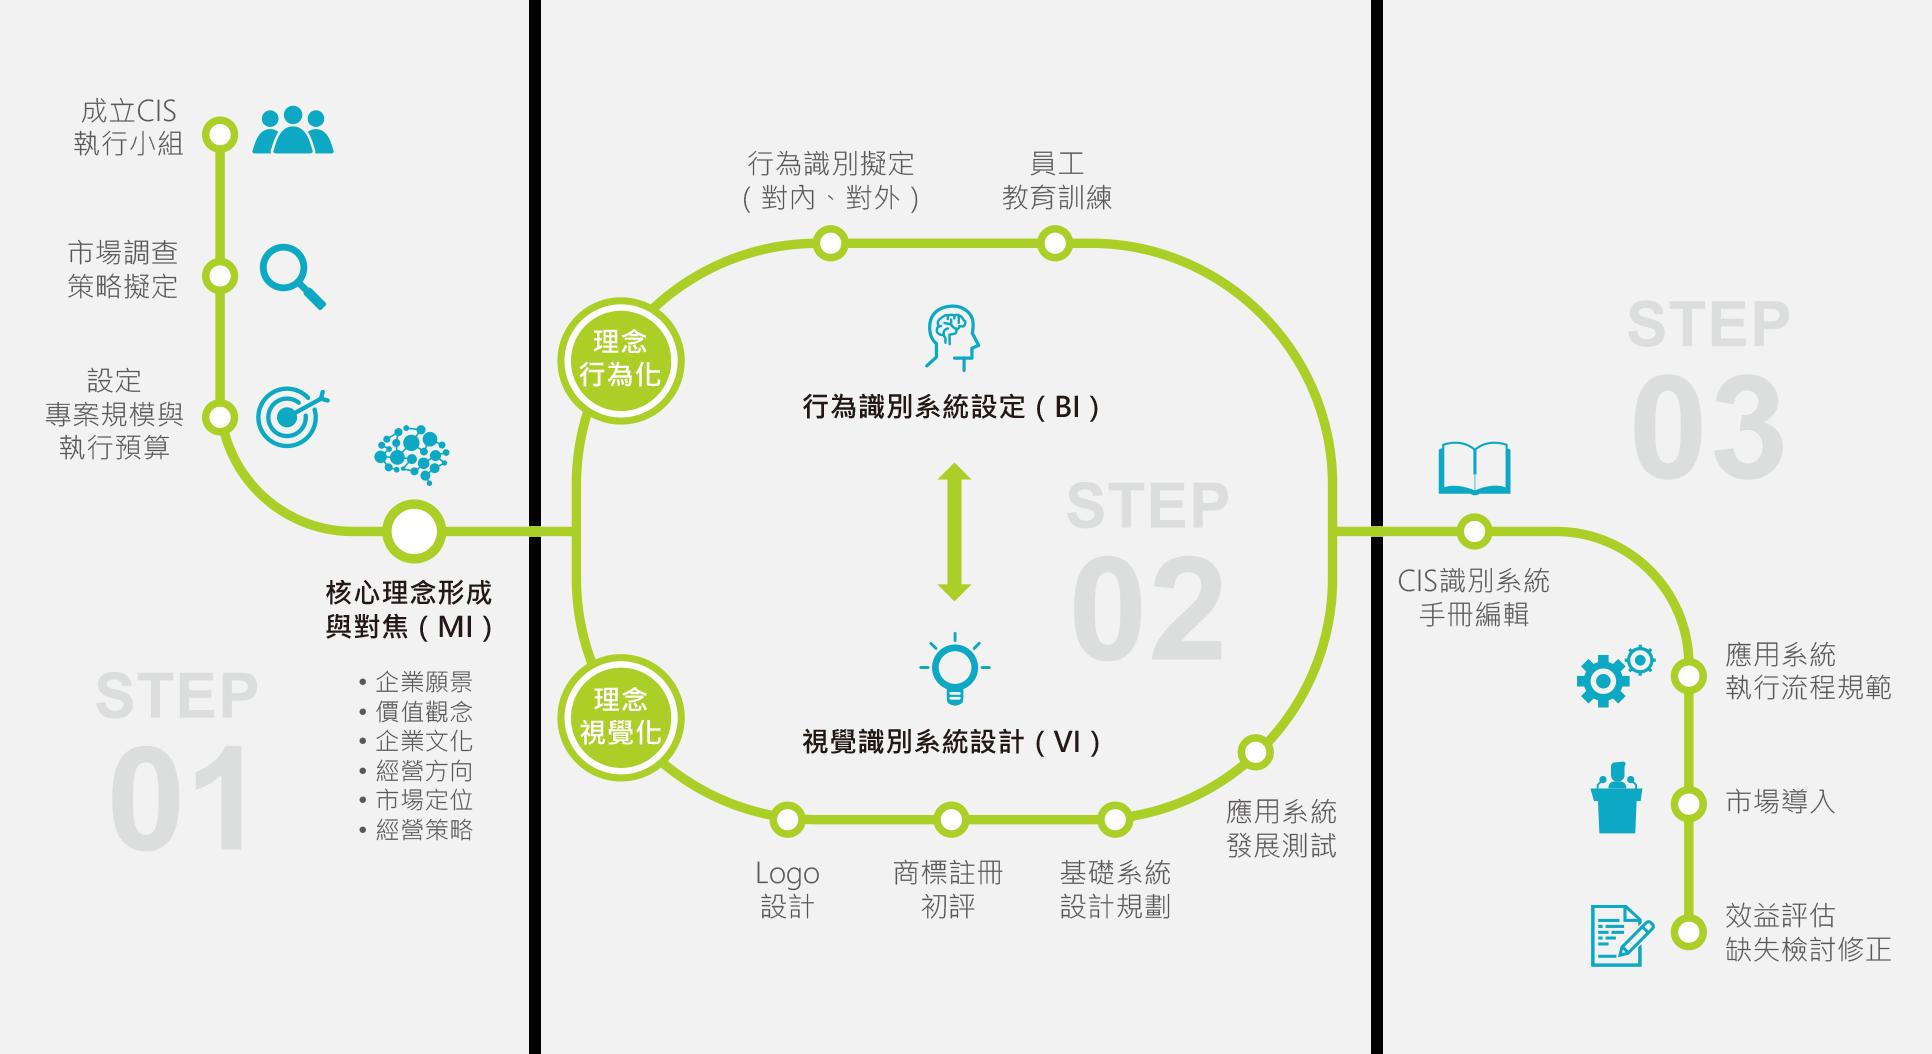 企業識別系統發展流程:STEP 01:成立CIS執行小組,市場調查策略擬定,設定專案規模與執行預算,核心理念形成與對焦(MI),企業願景,價值觀念,企業文化,經營方向,市場定位,經營策略。STEP 02:理念行為化:行為識別擬定(對內、對外),員工教育訓練。理念視覺化:LOGO設計,商標註冊初評,基礎系統設計規劃,應用系統發展測試。STEP 03:CIS識別系統手冊編輯,應用系統執行流程規範,市場導入,效益評估,缺失檢討修正。